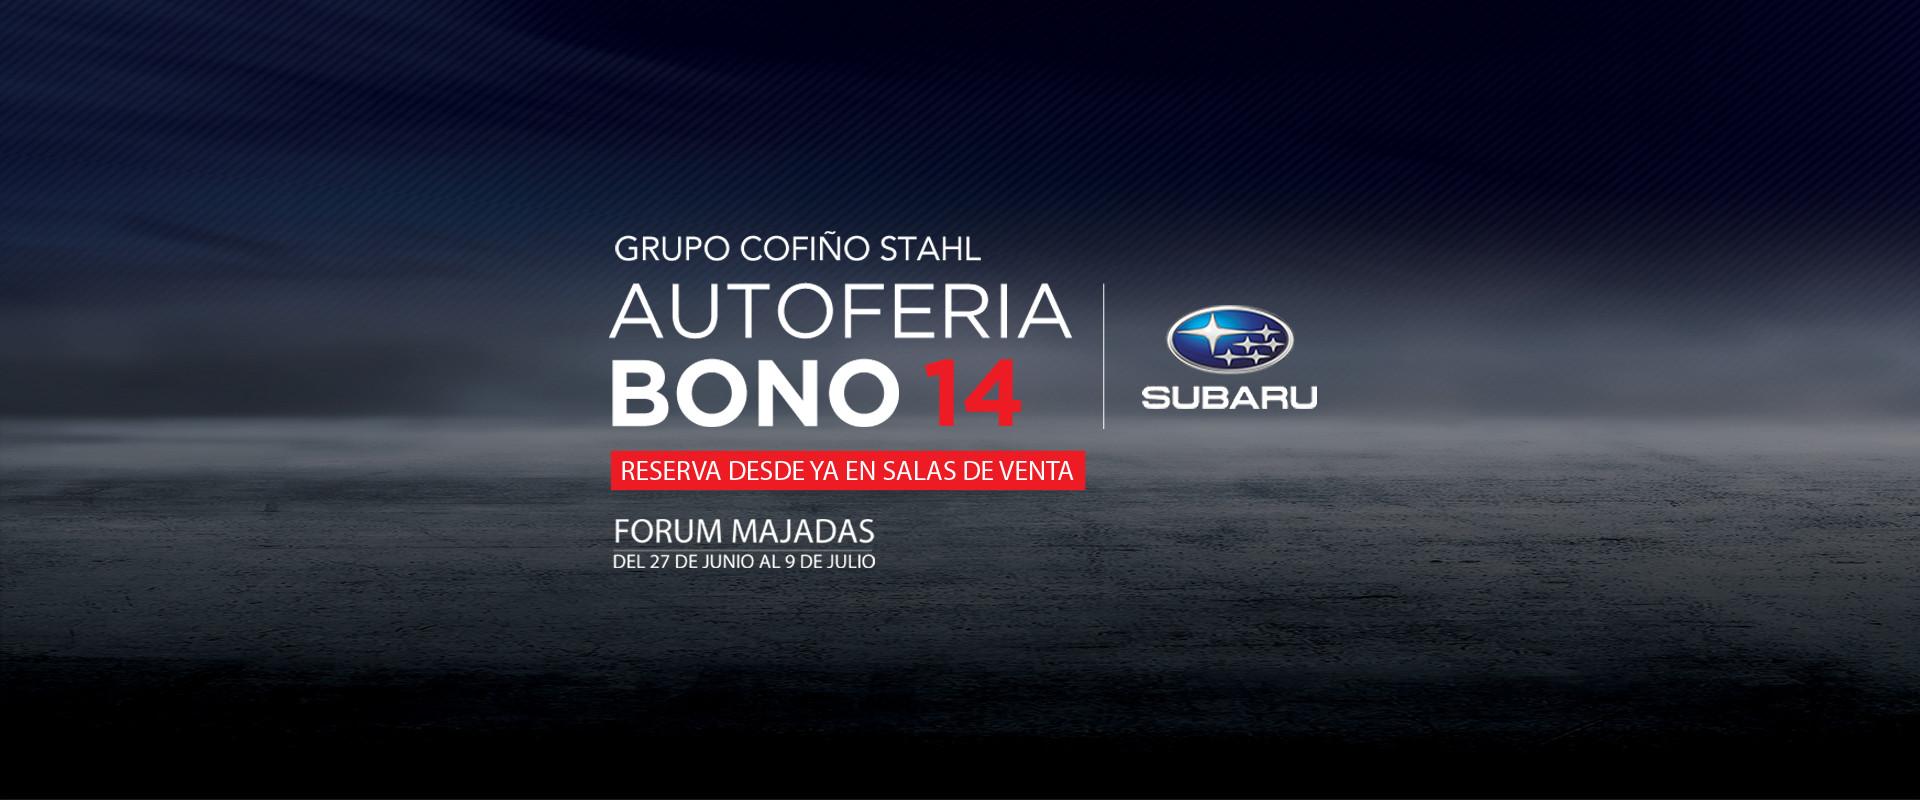 Grupo Cofiño Stahl | Autoferia Bono 14 | Subaru